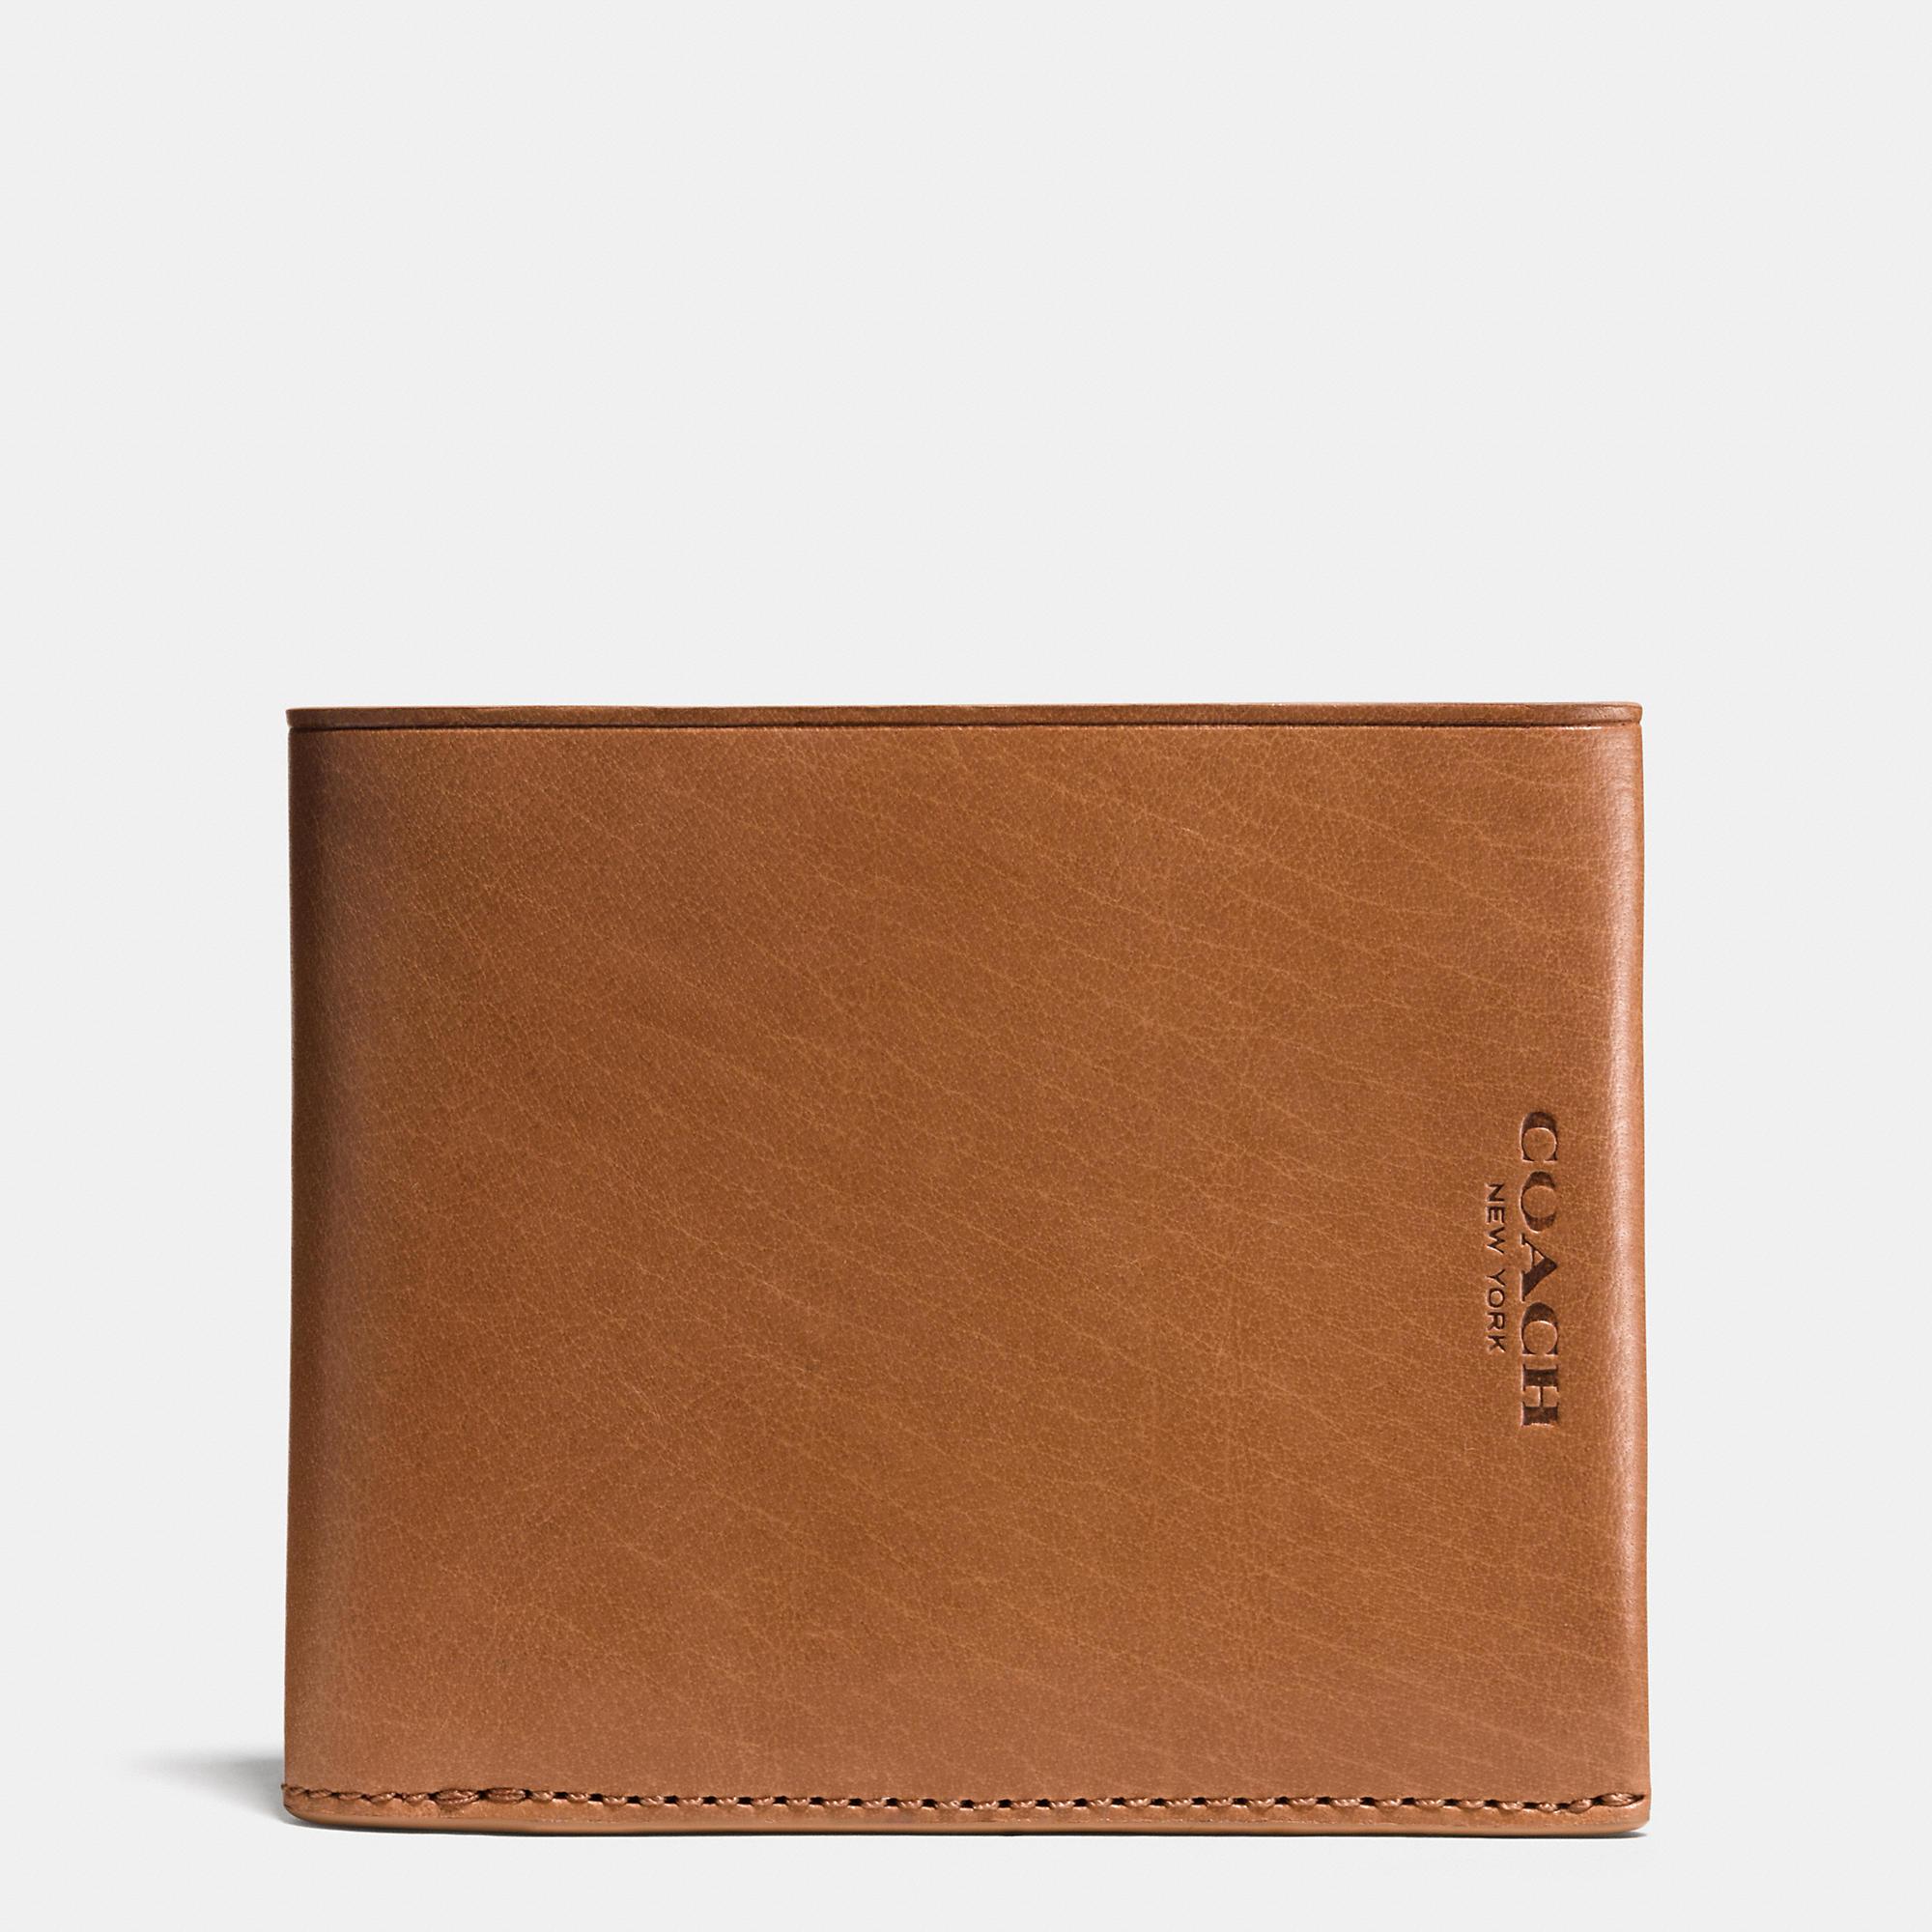 6581b4929ee9 ... get lyst coach modern billfold wallet in water buffalo leather in cfcdd  064c5